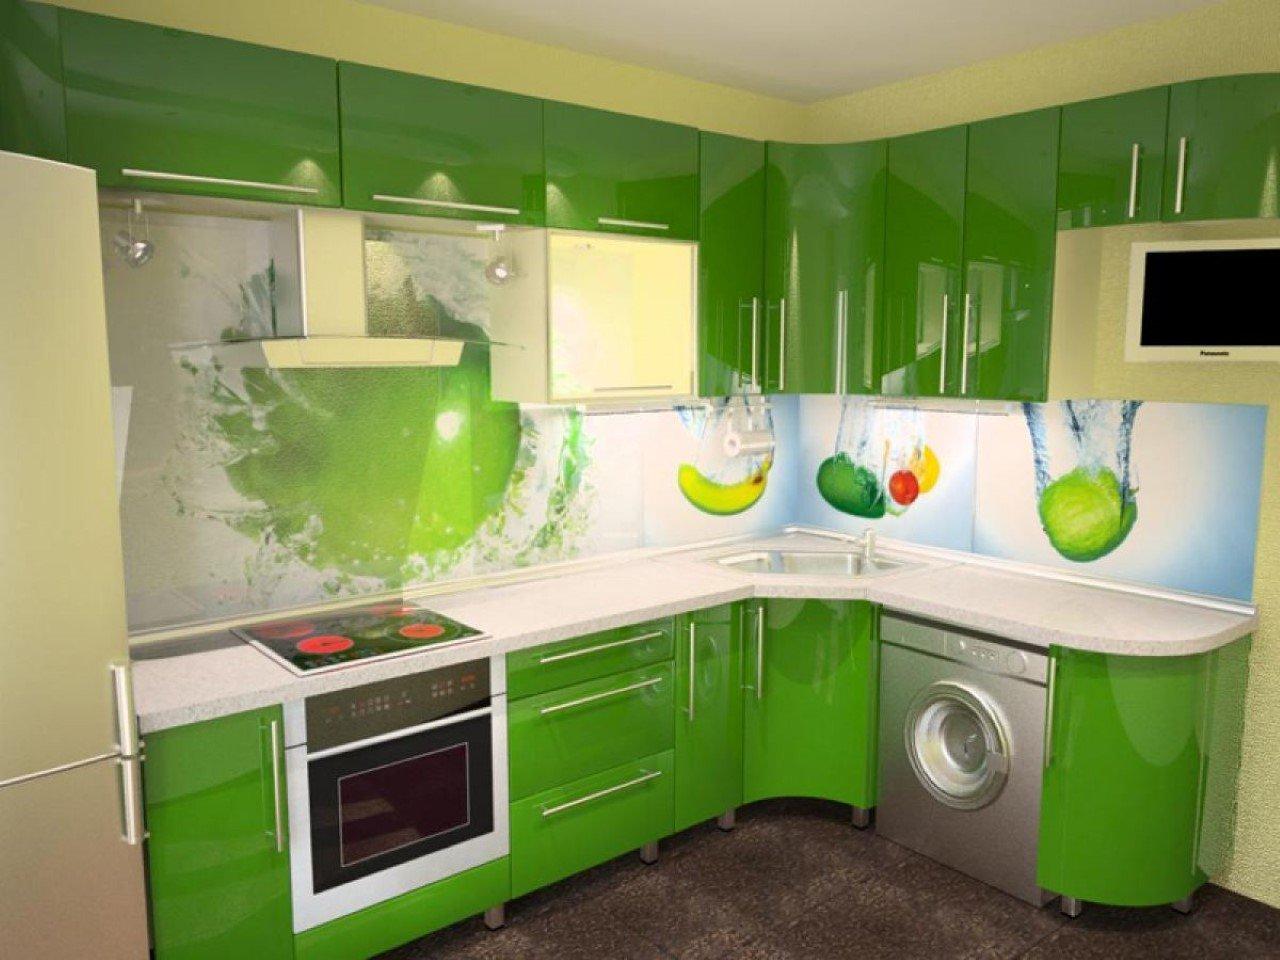 Кухонный фартук как элемент декора